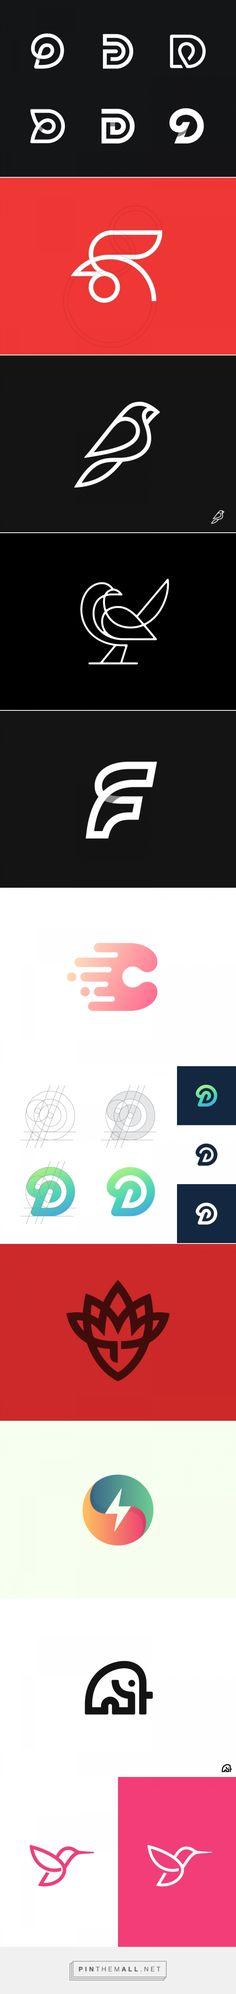 Kakha Kakhadzen y su genial colección de logotipos | Blog de diseño gráfico y creatividad. - created via https://pinthemall.net